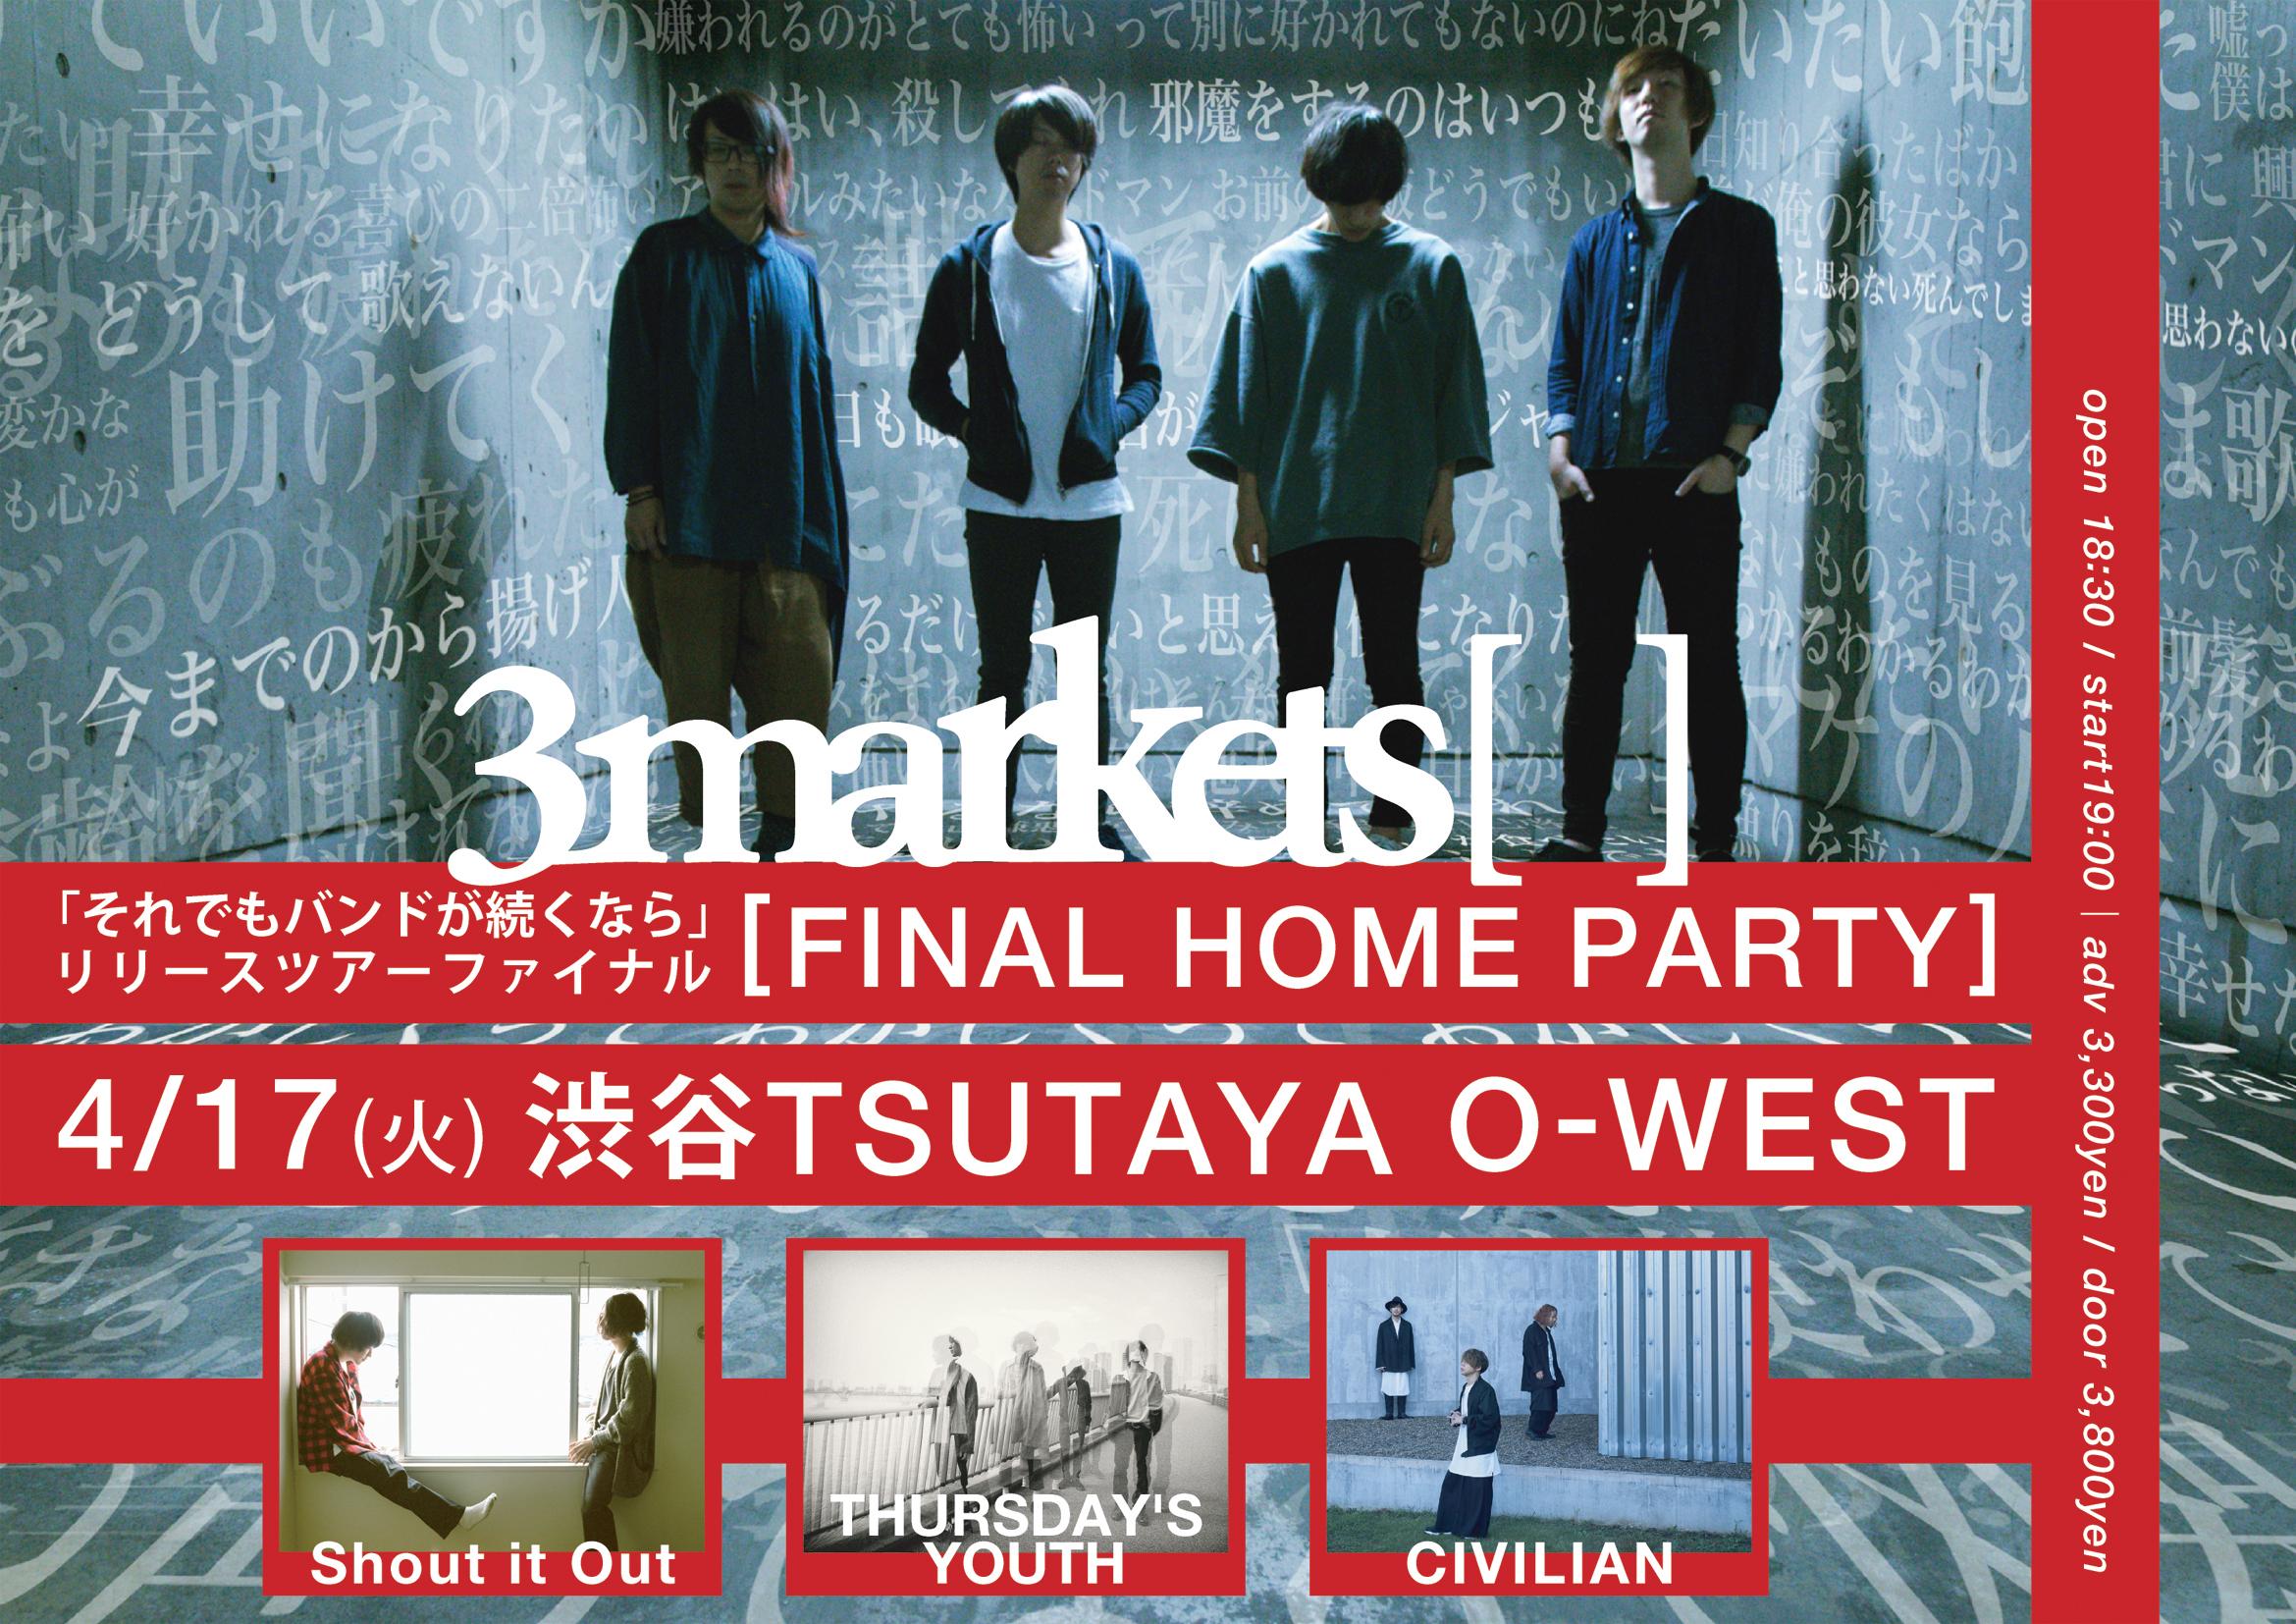 4/17(火) TSUTAYA O-WESTで行われるツアーファイナルの出演アーティストが解禁されました